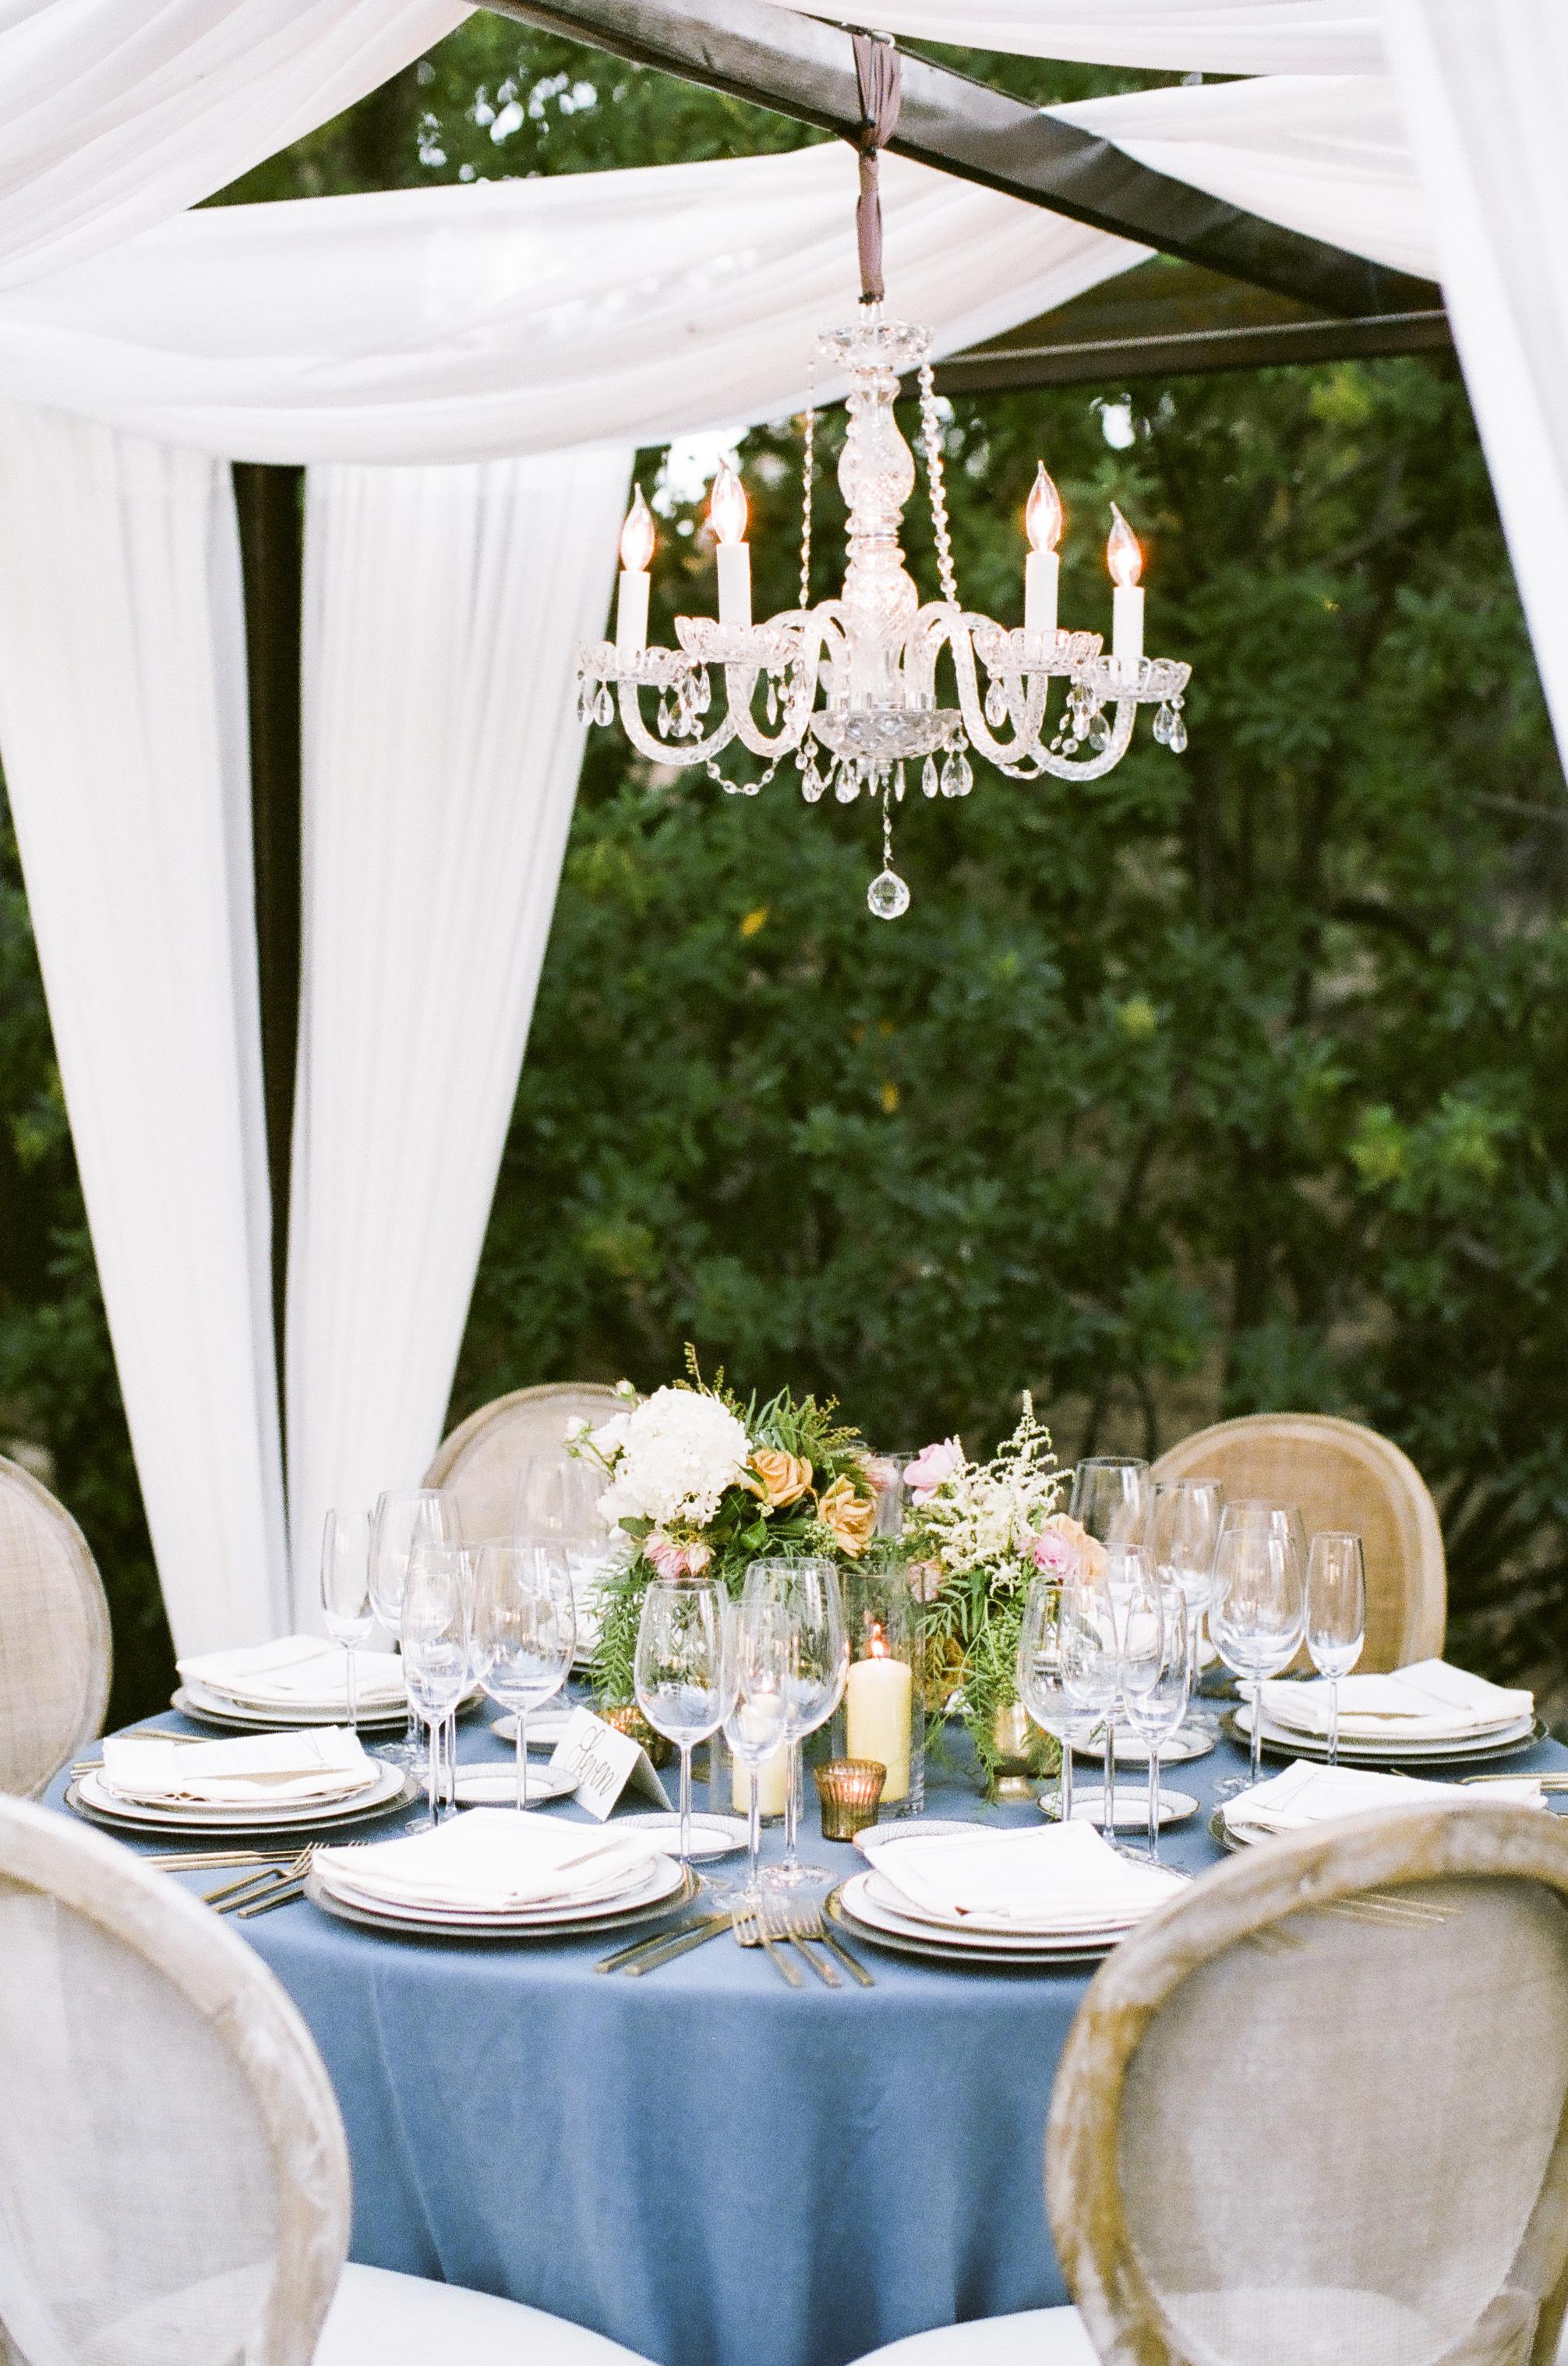 EmmieWill_Wedding_LoveNancyNeil373.jpg